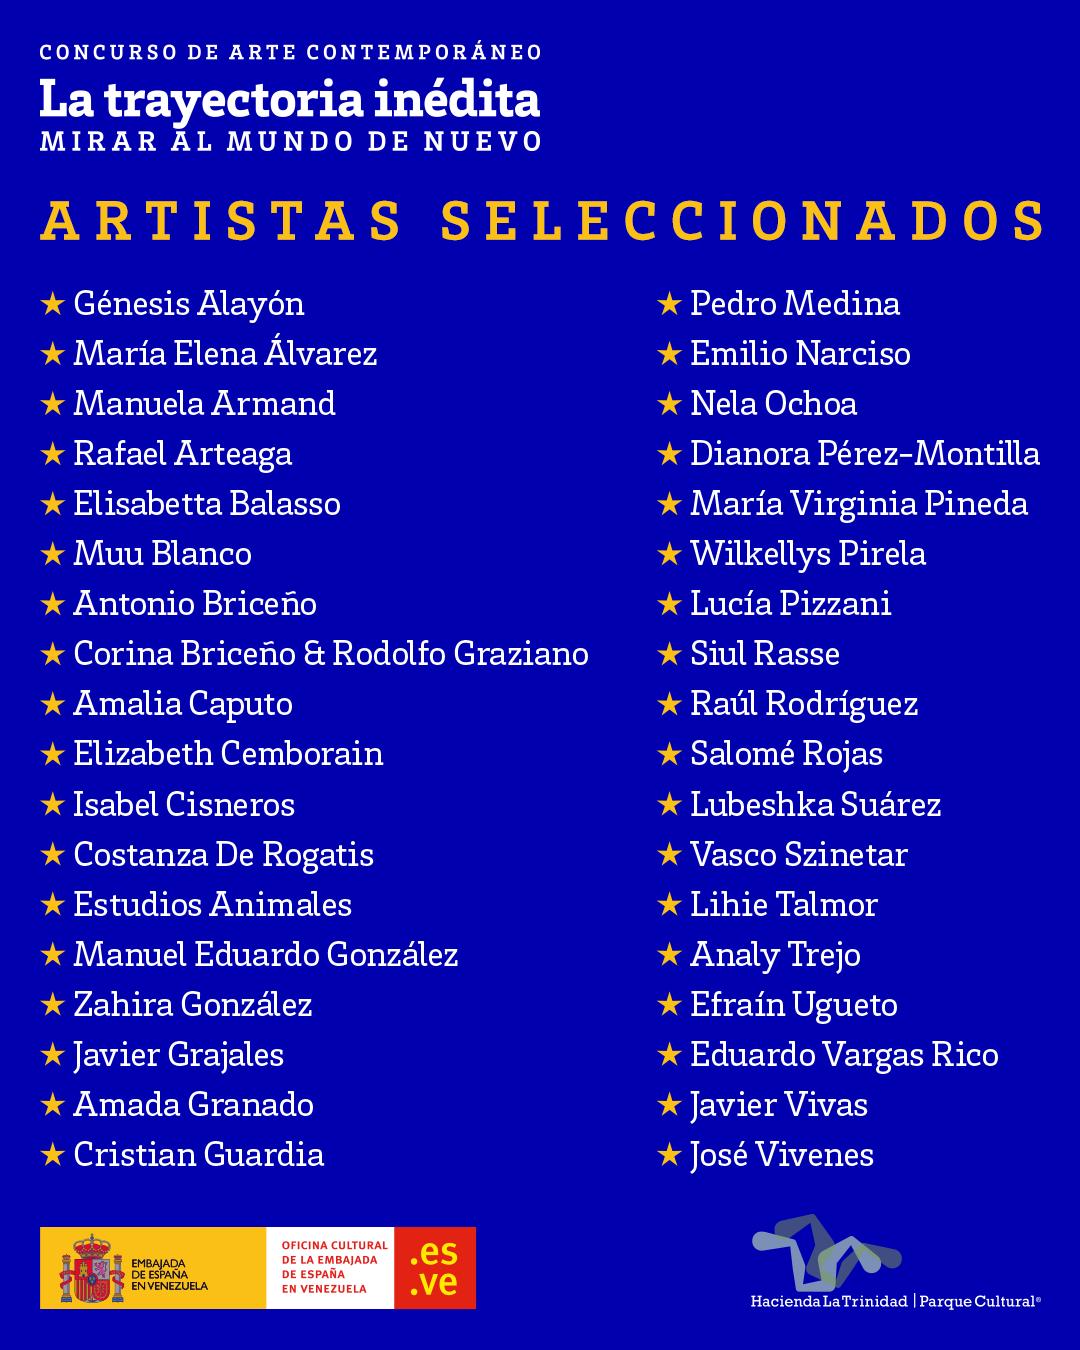 Artistas seleccionados para el concurso «La Trayectoria Inédita»